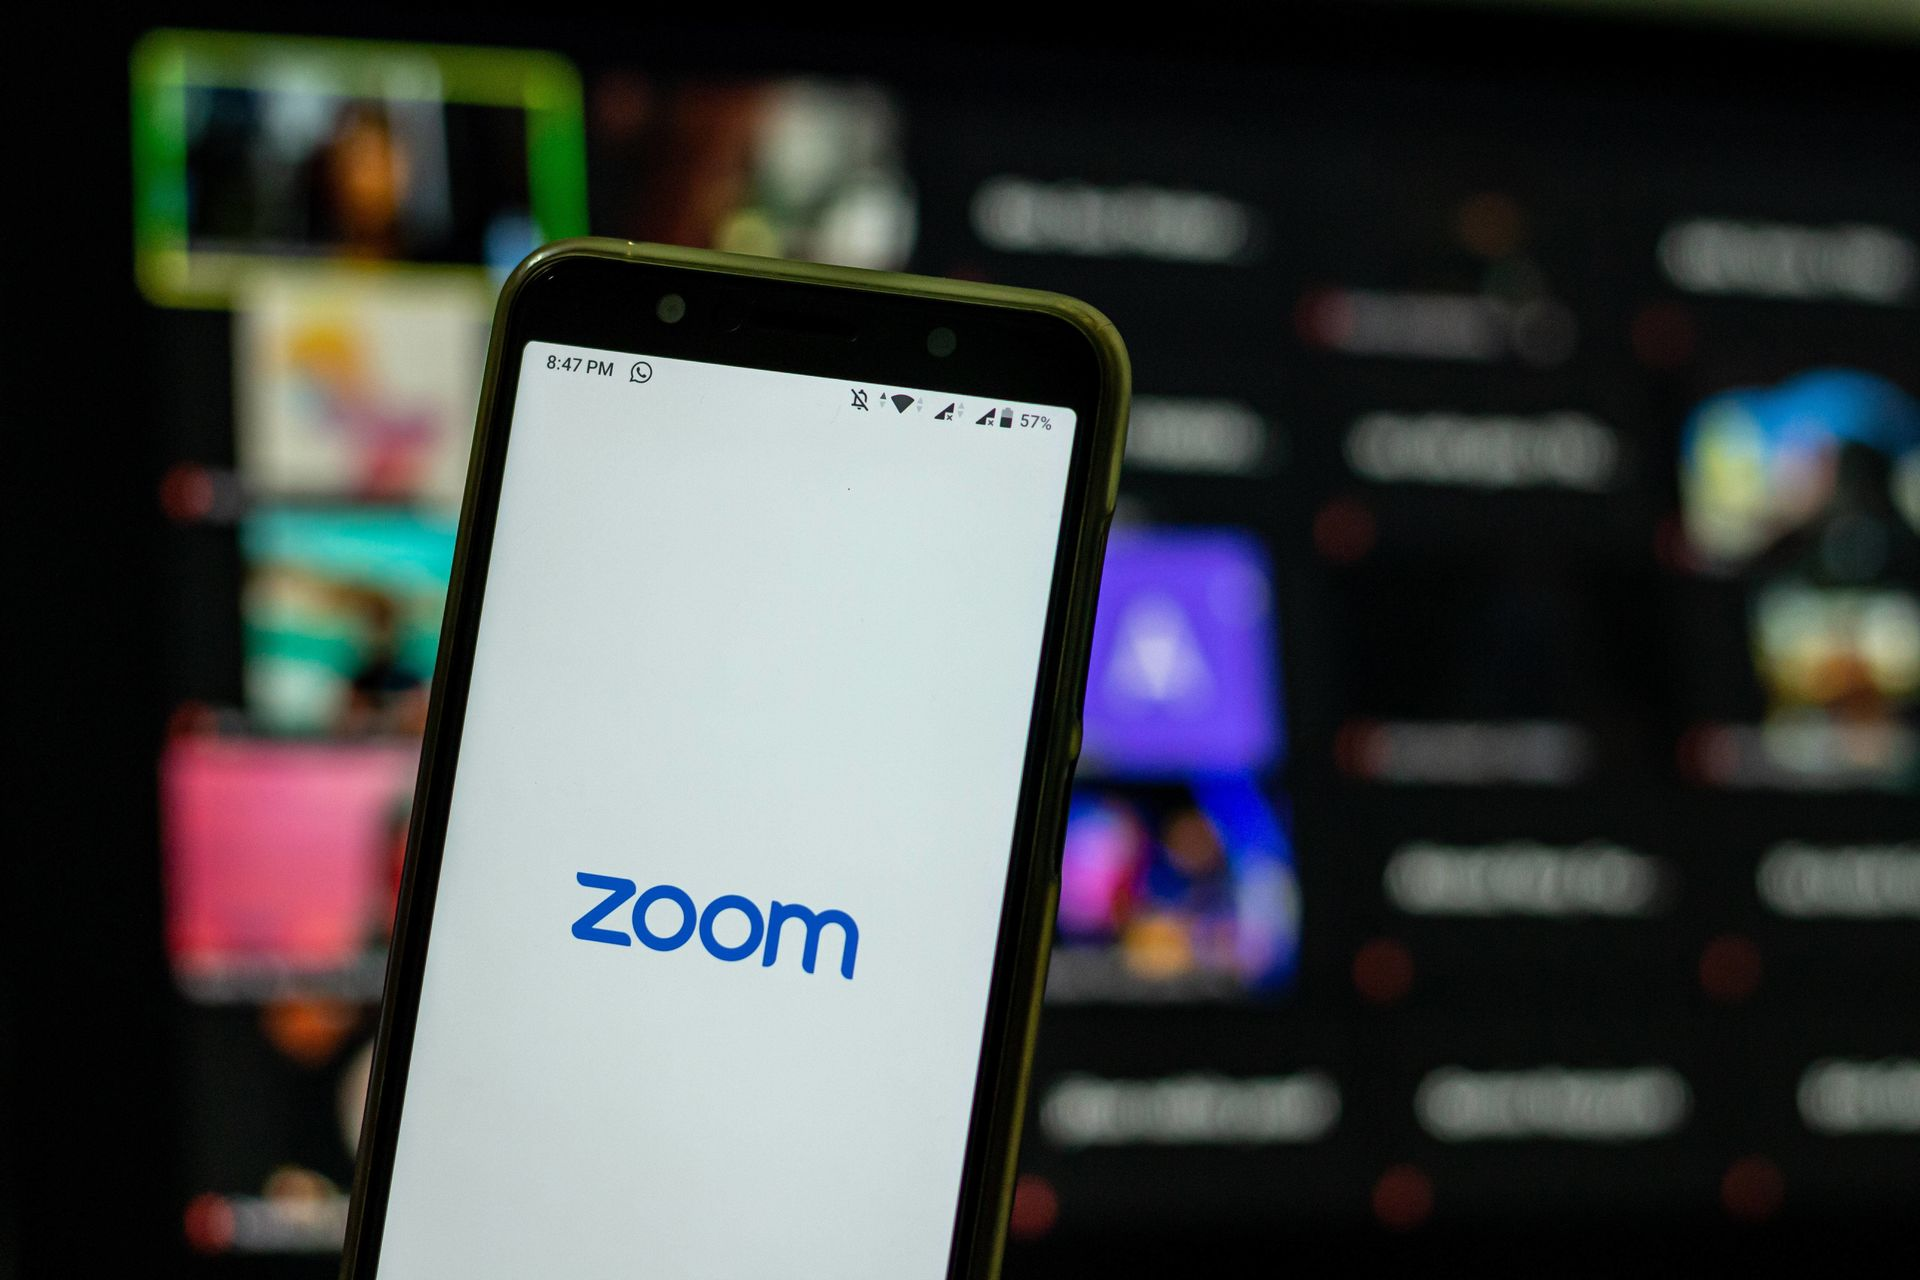 ¿Utilizas Zoom? Cuídate de estas ciberestafas